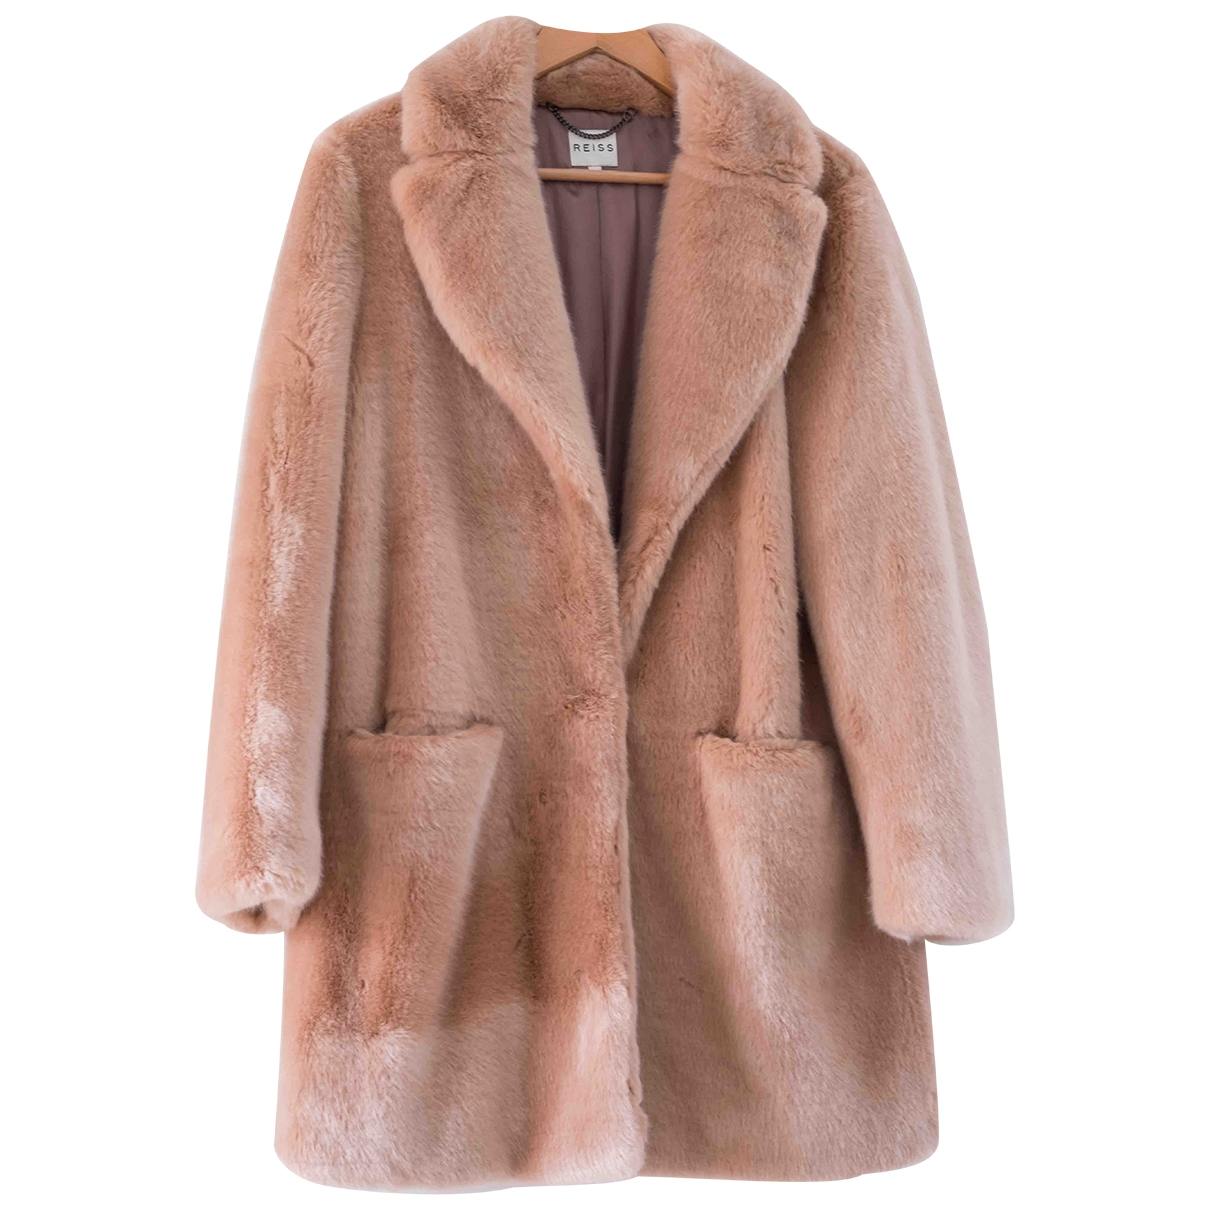 Reiss - Manteau   pour femme en fourrure synthetique - rose